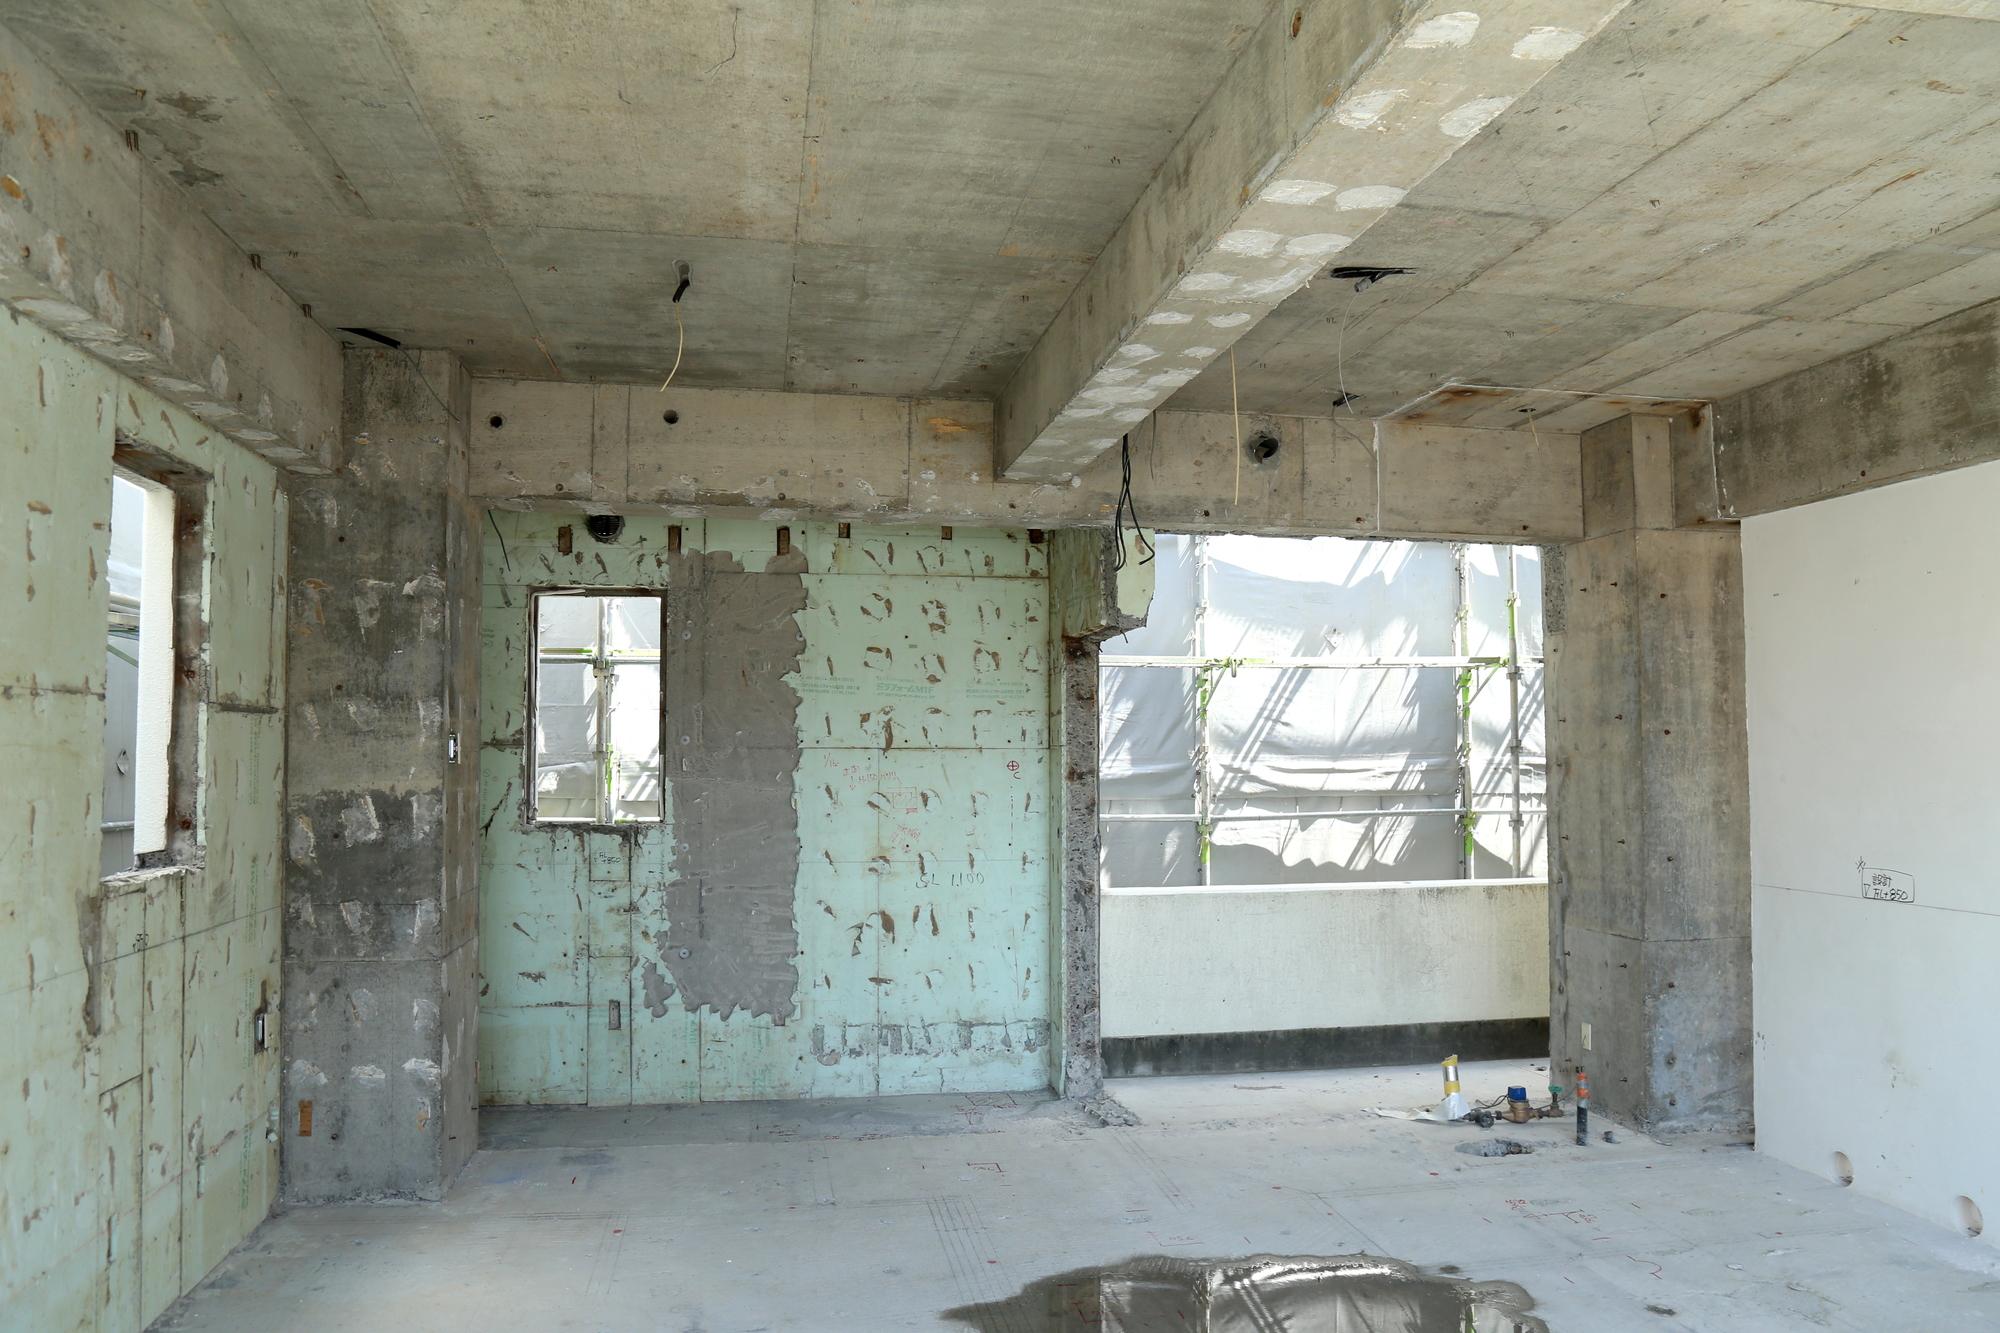 短納期が魅力の内装解体工法ことスケルトン解体についてお伝えします